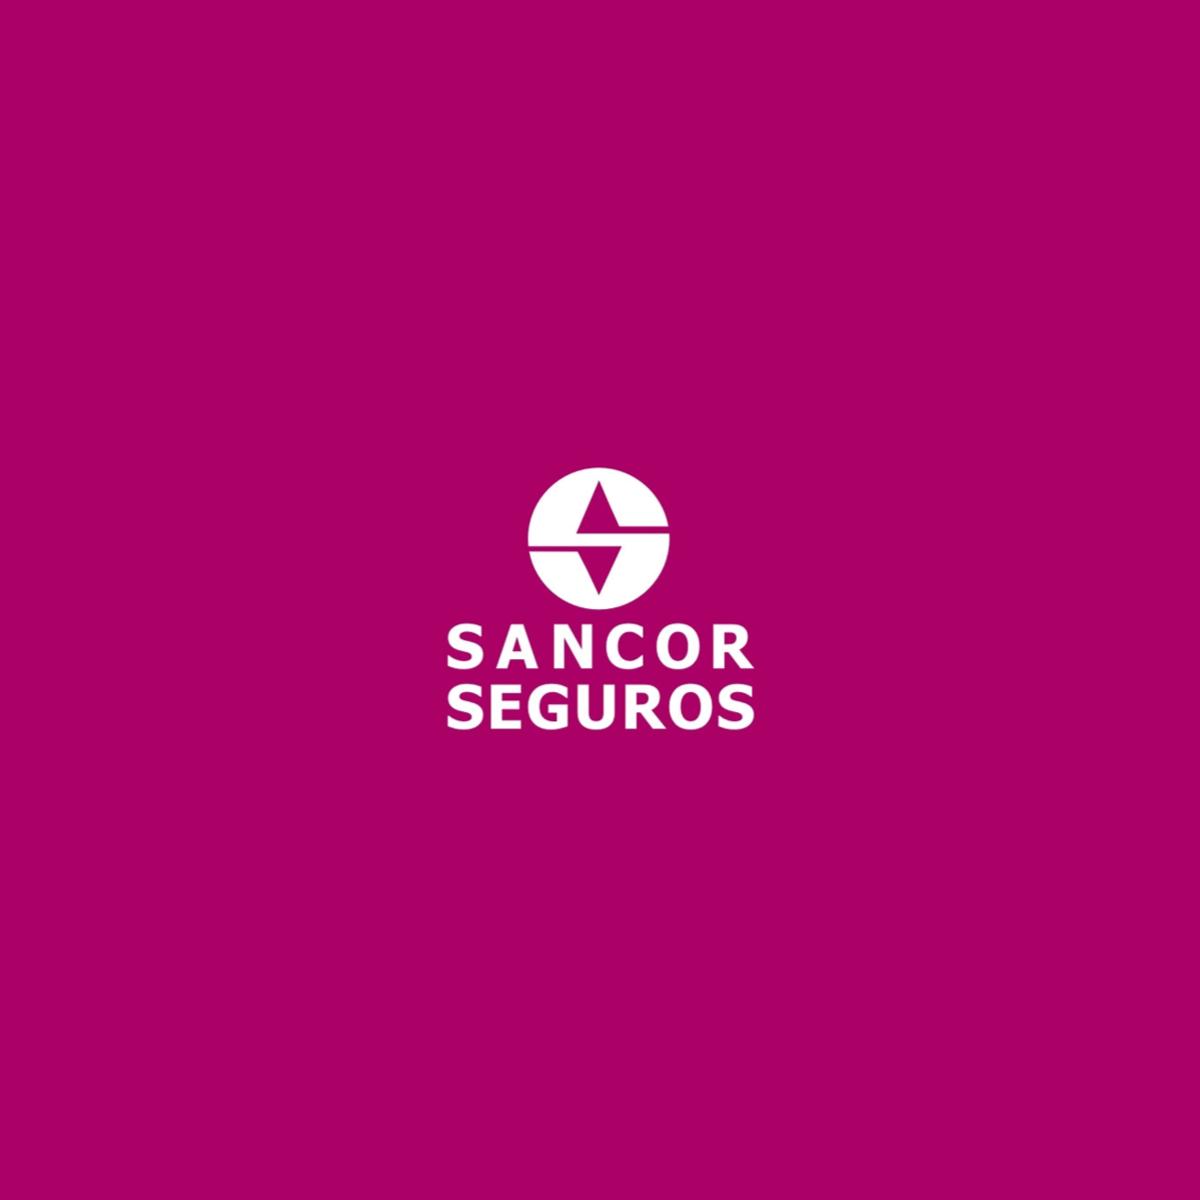 VS PRODUCTOR ASESOR DE SEGUROS